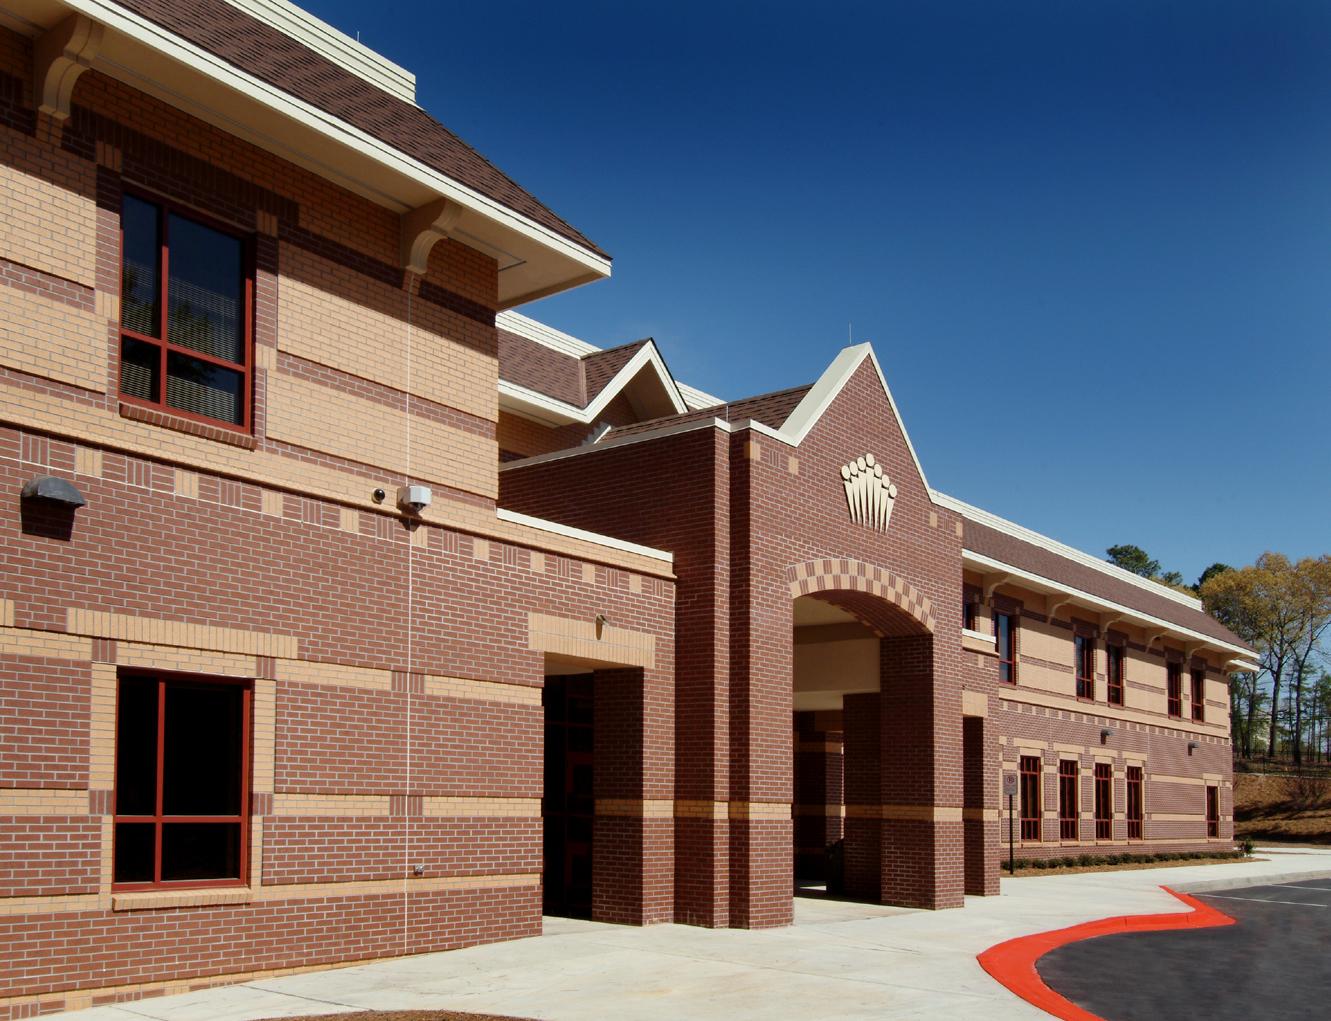 Davis Academy Middle - Exterior 1 - no border.jpg